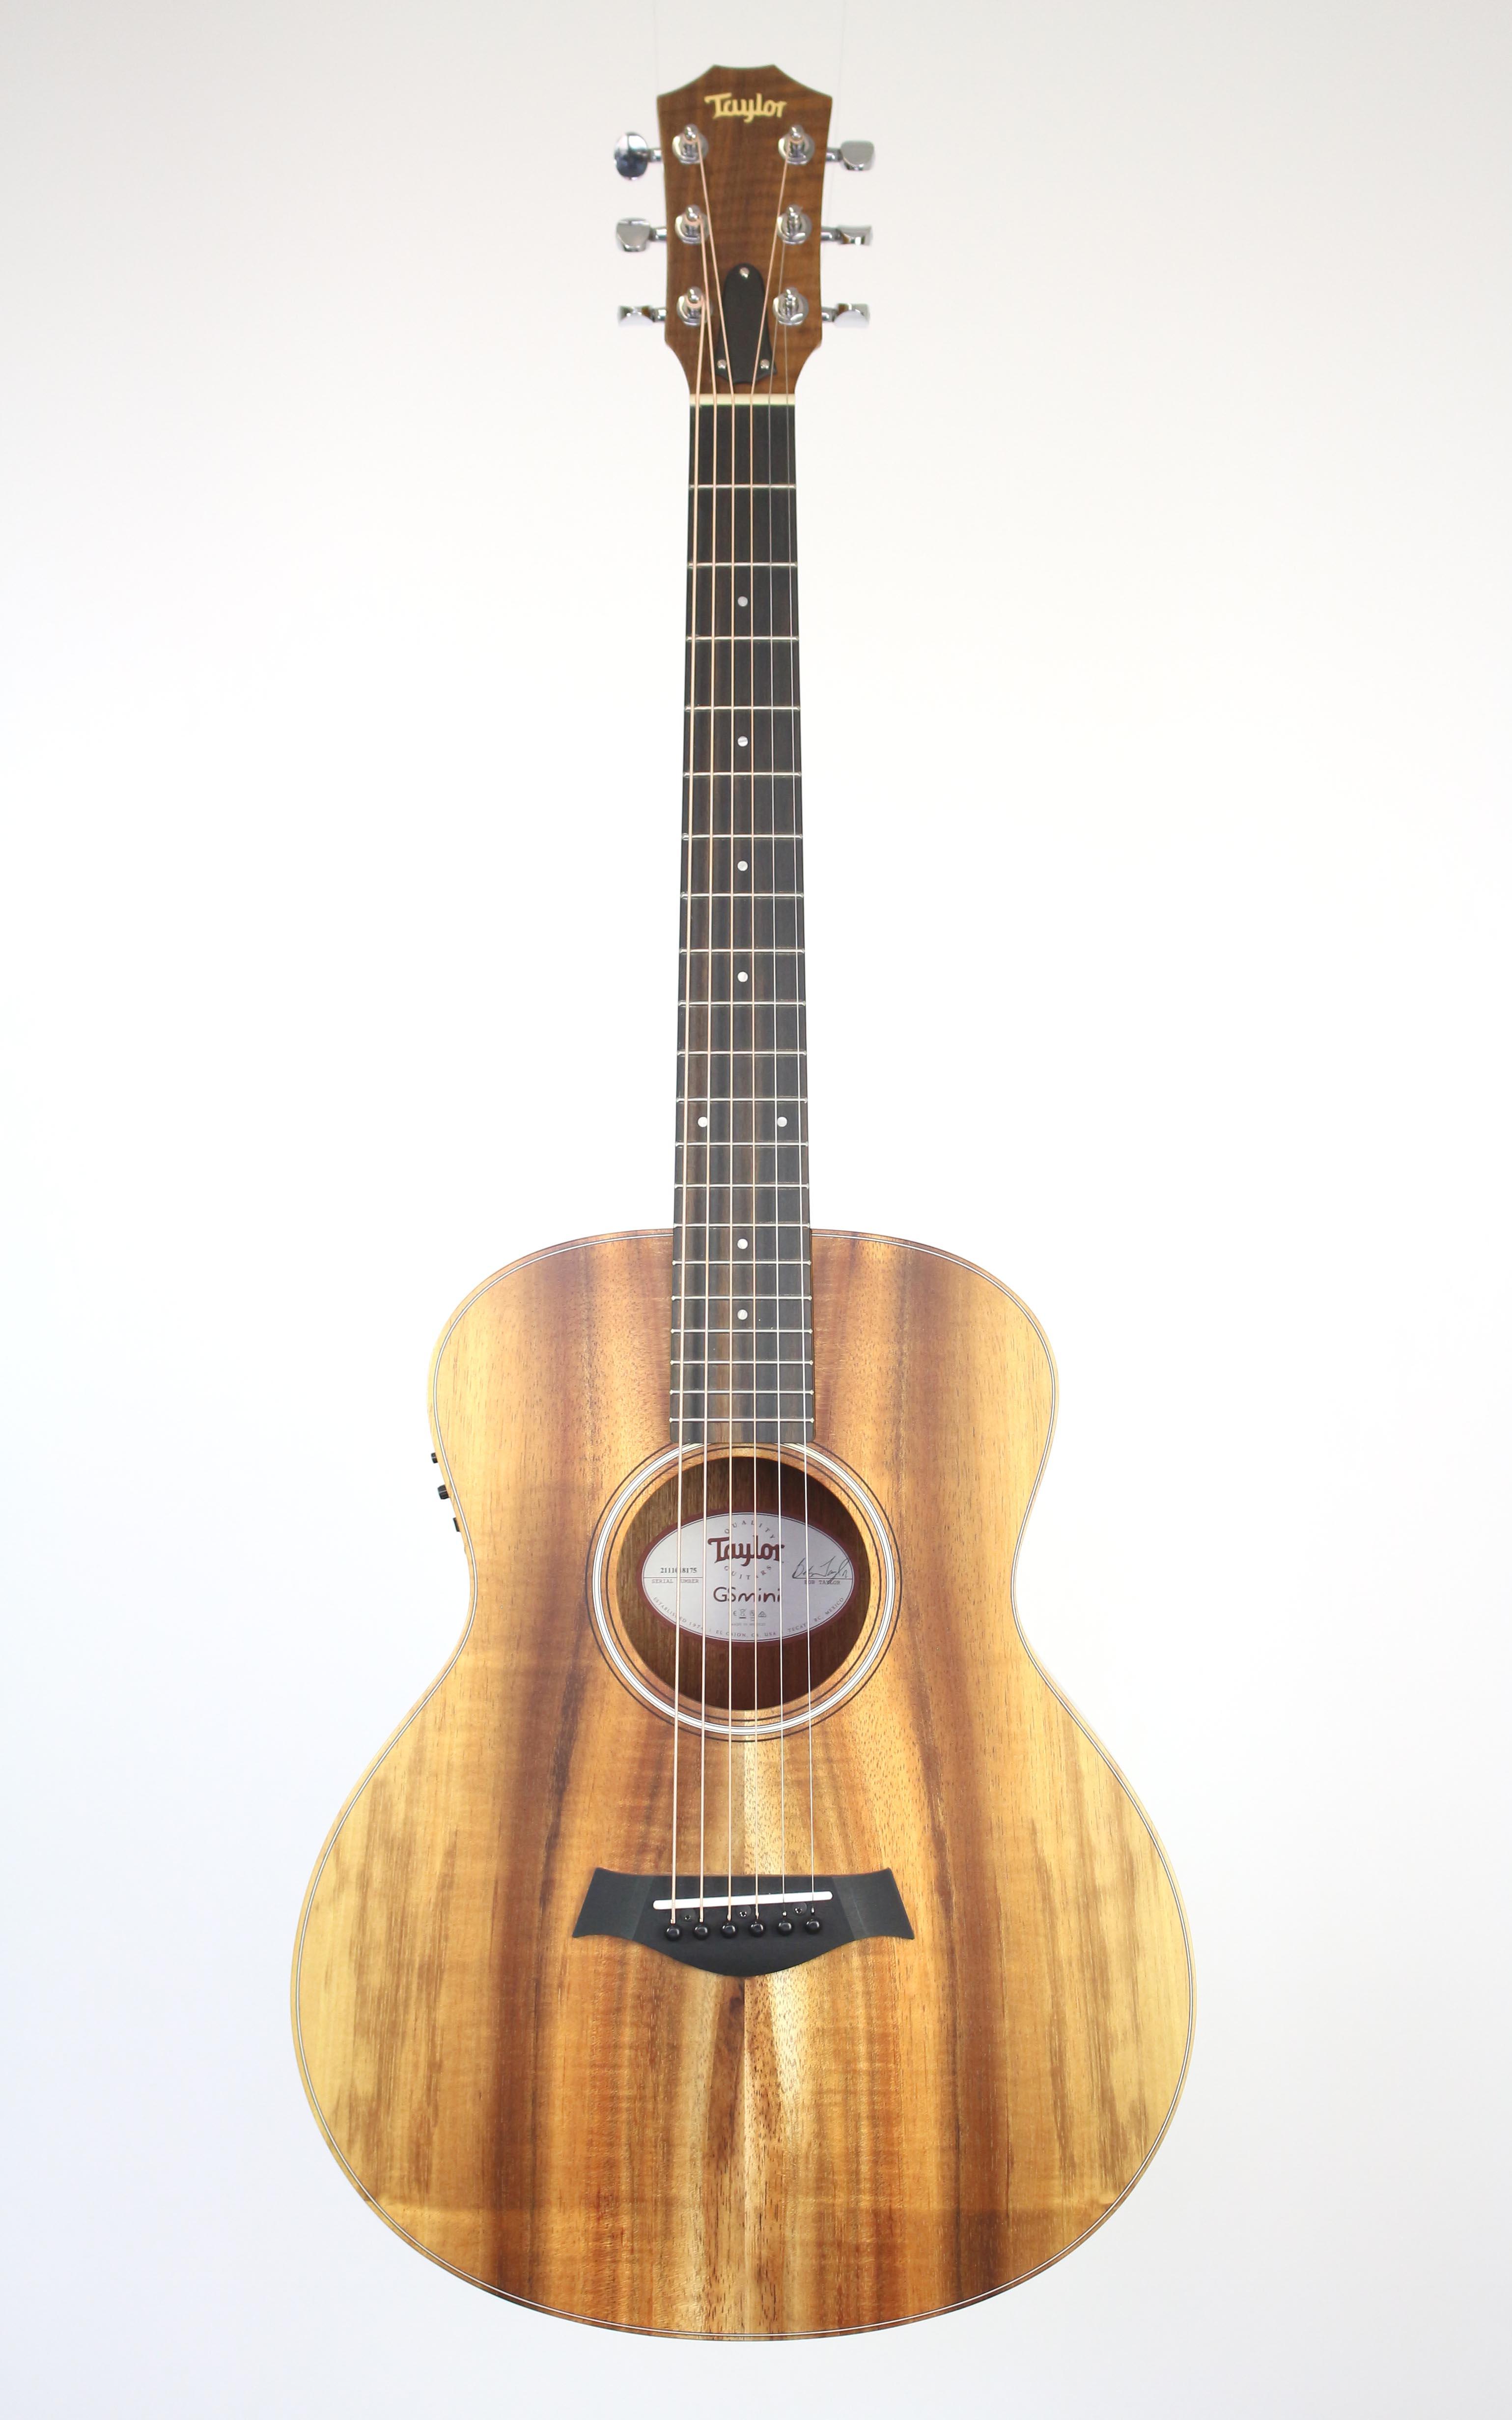 Taylor - GS Mini - e Koa - Gitarren - Westerngitarren | MUSIK BERTRAM Deutschland Freiburg